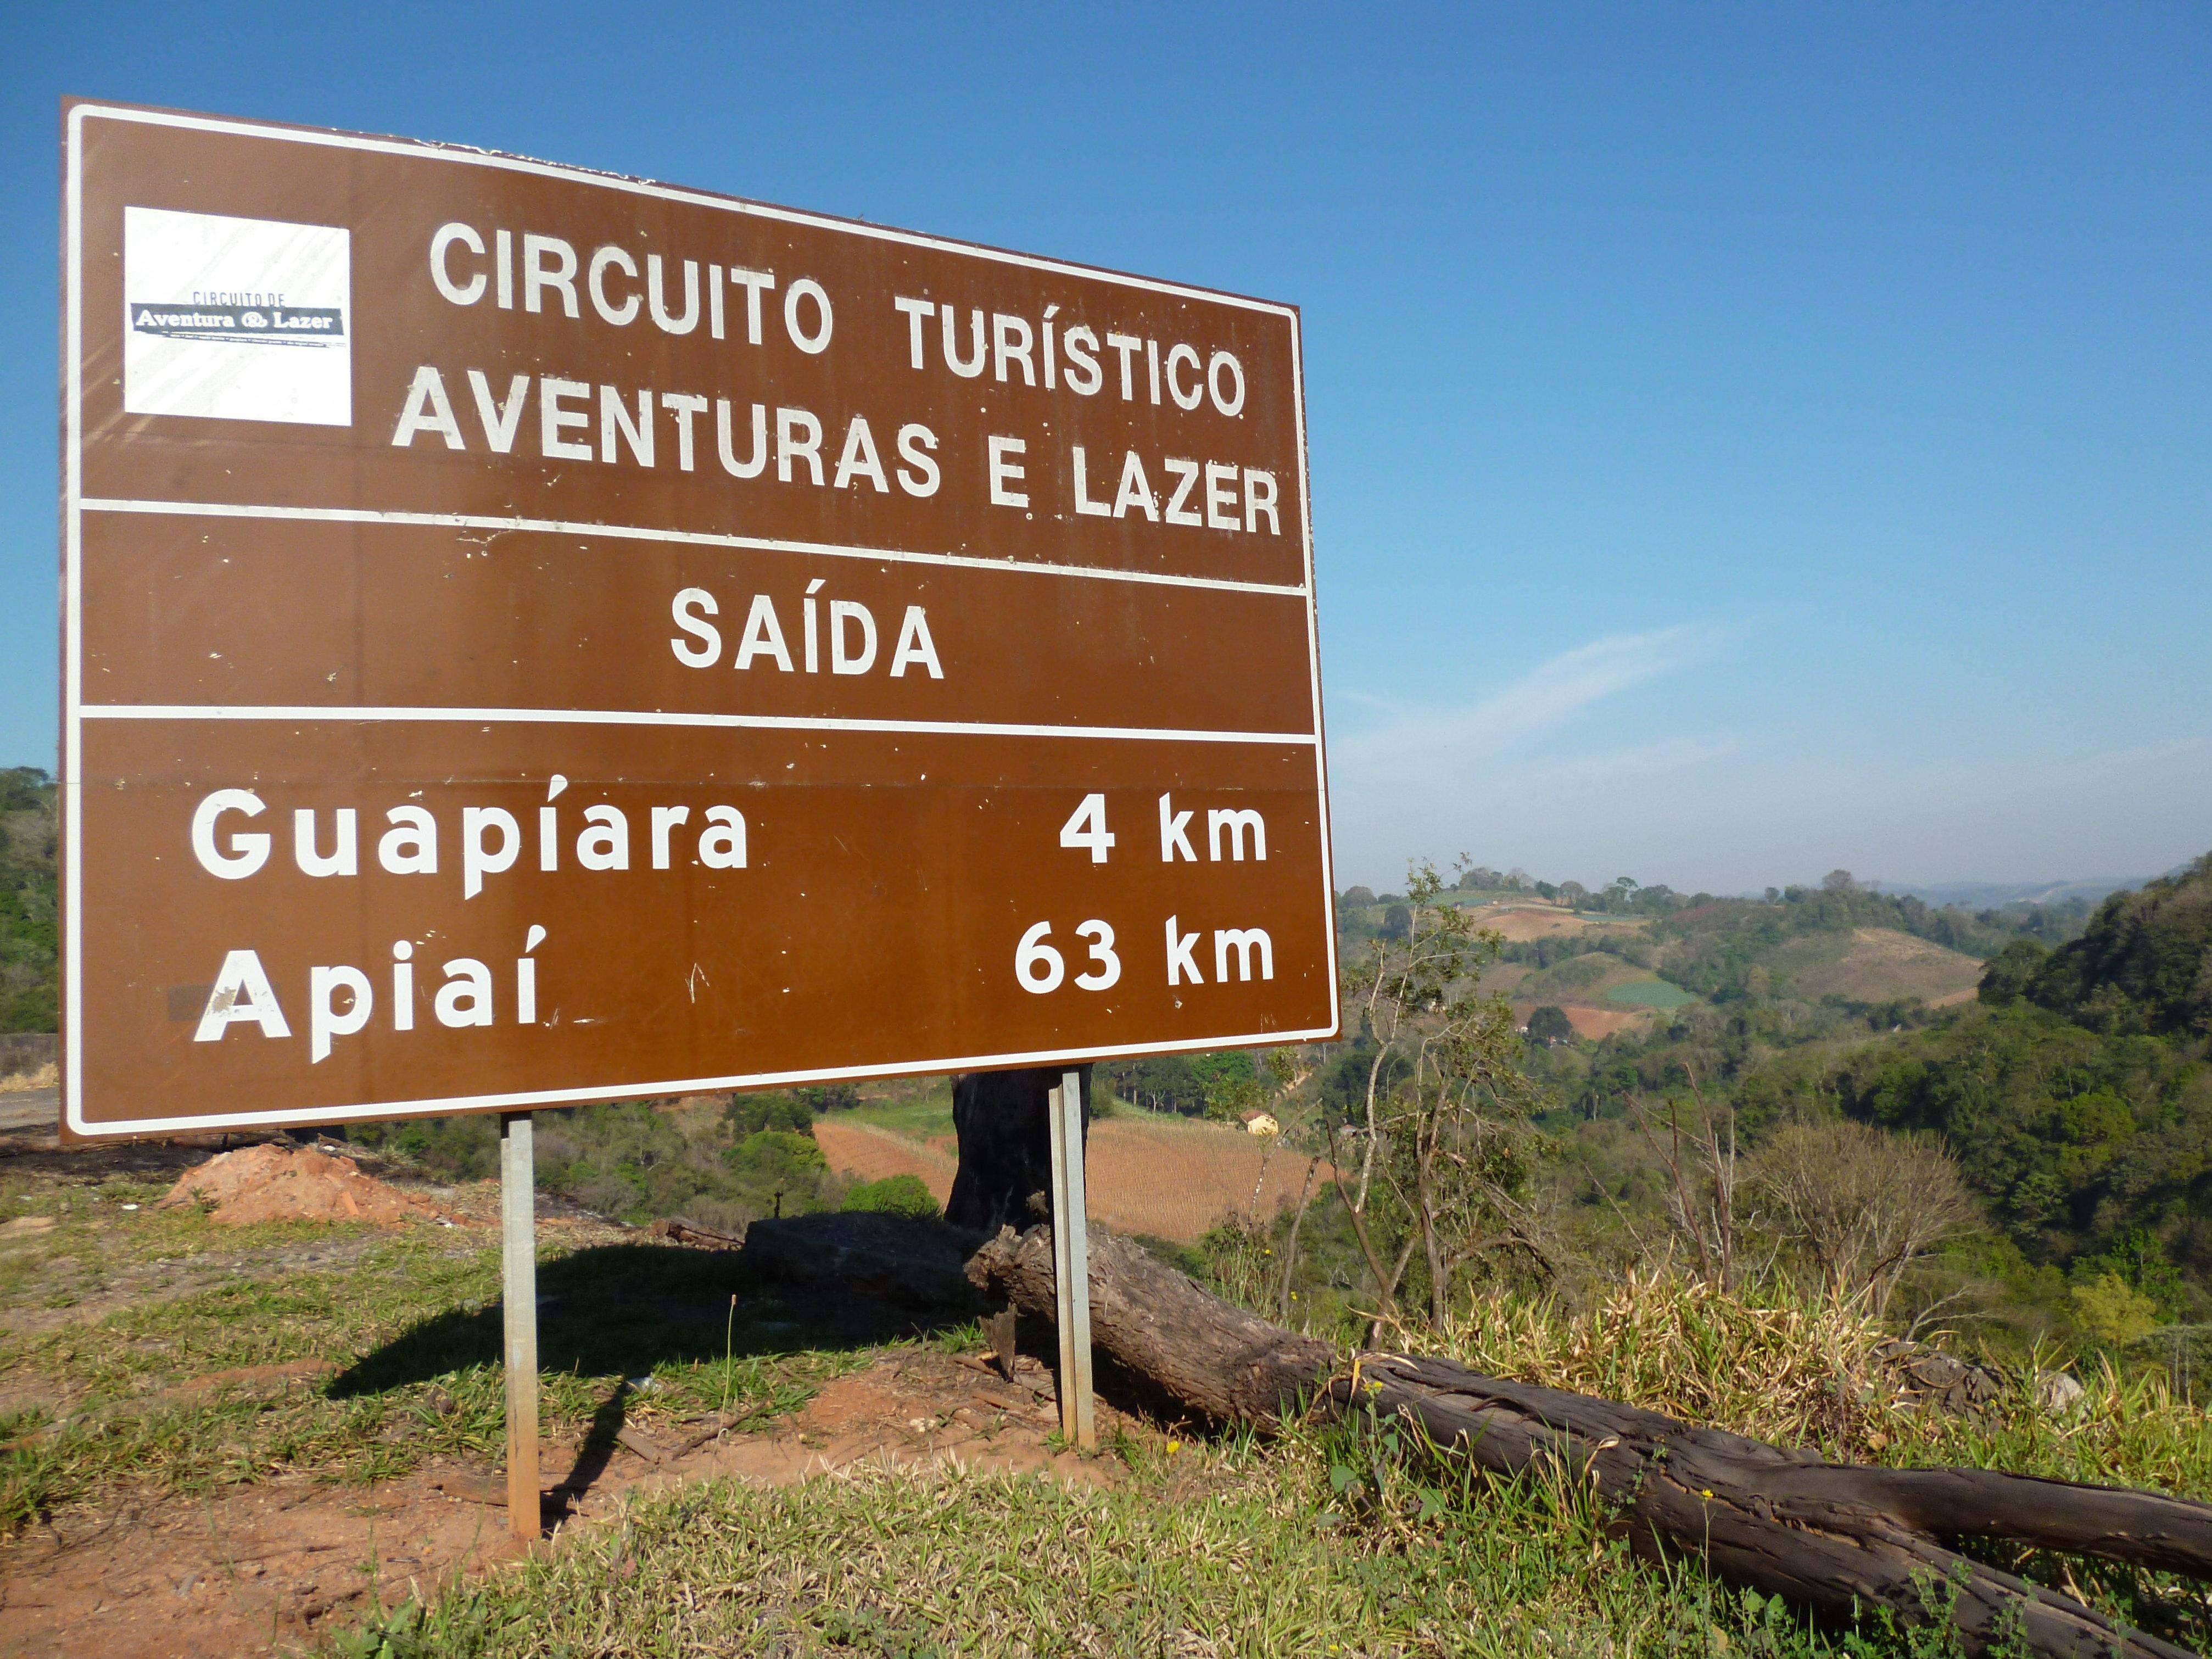 Circuito Turistico : File placa circuito turístico aventuras e lazer guapiara a km